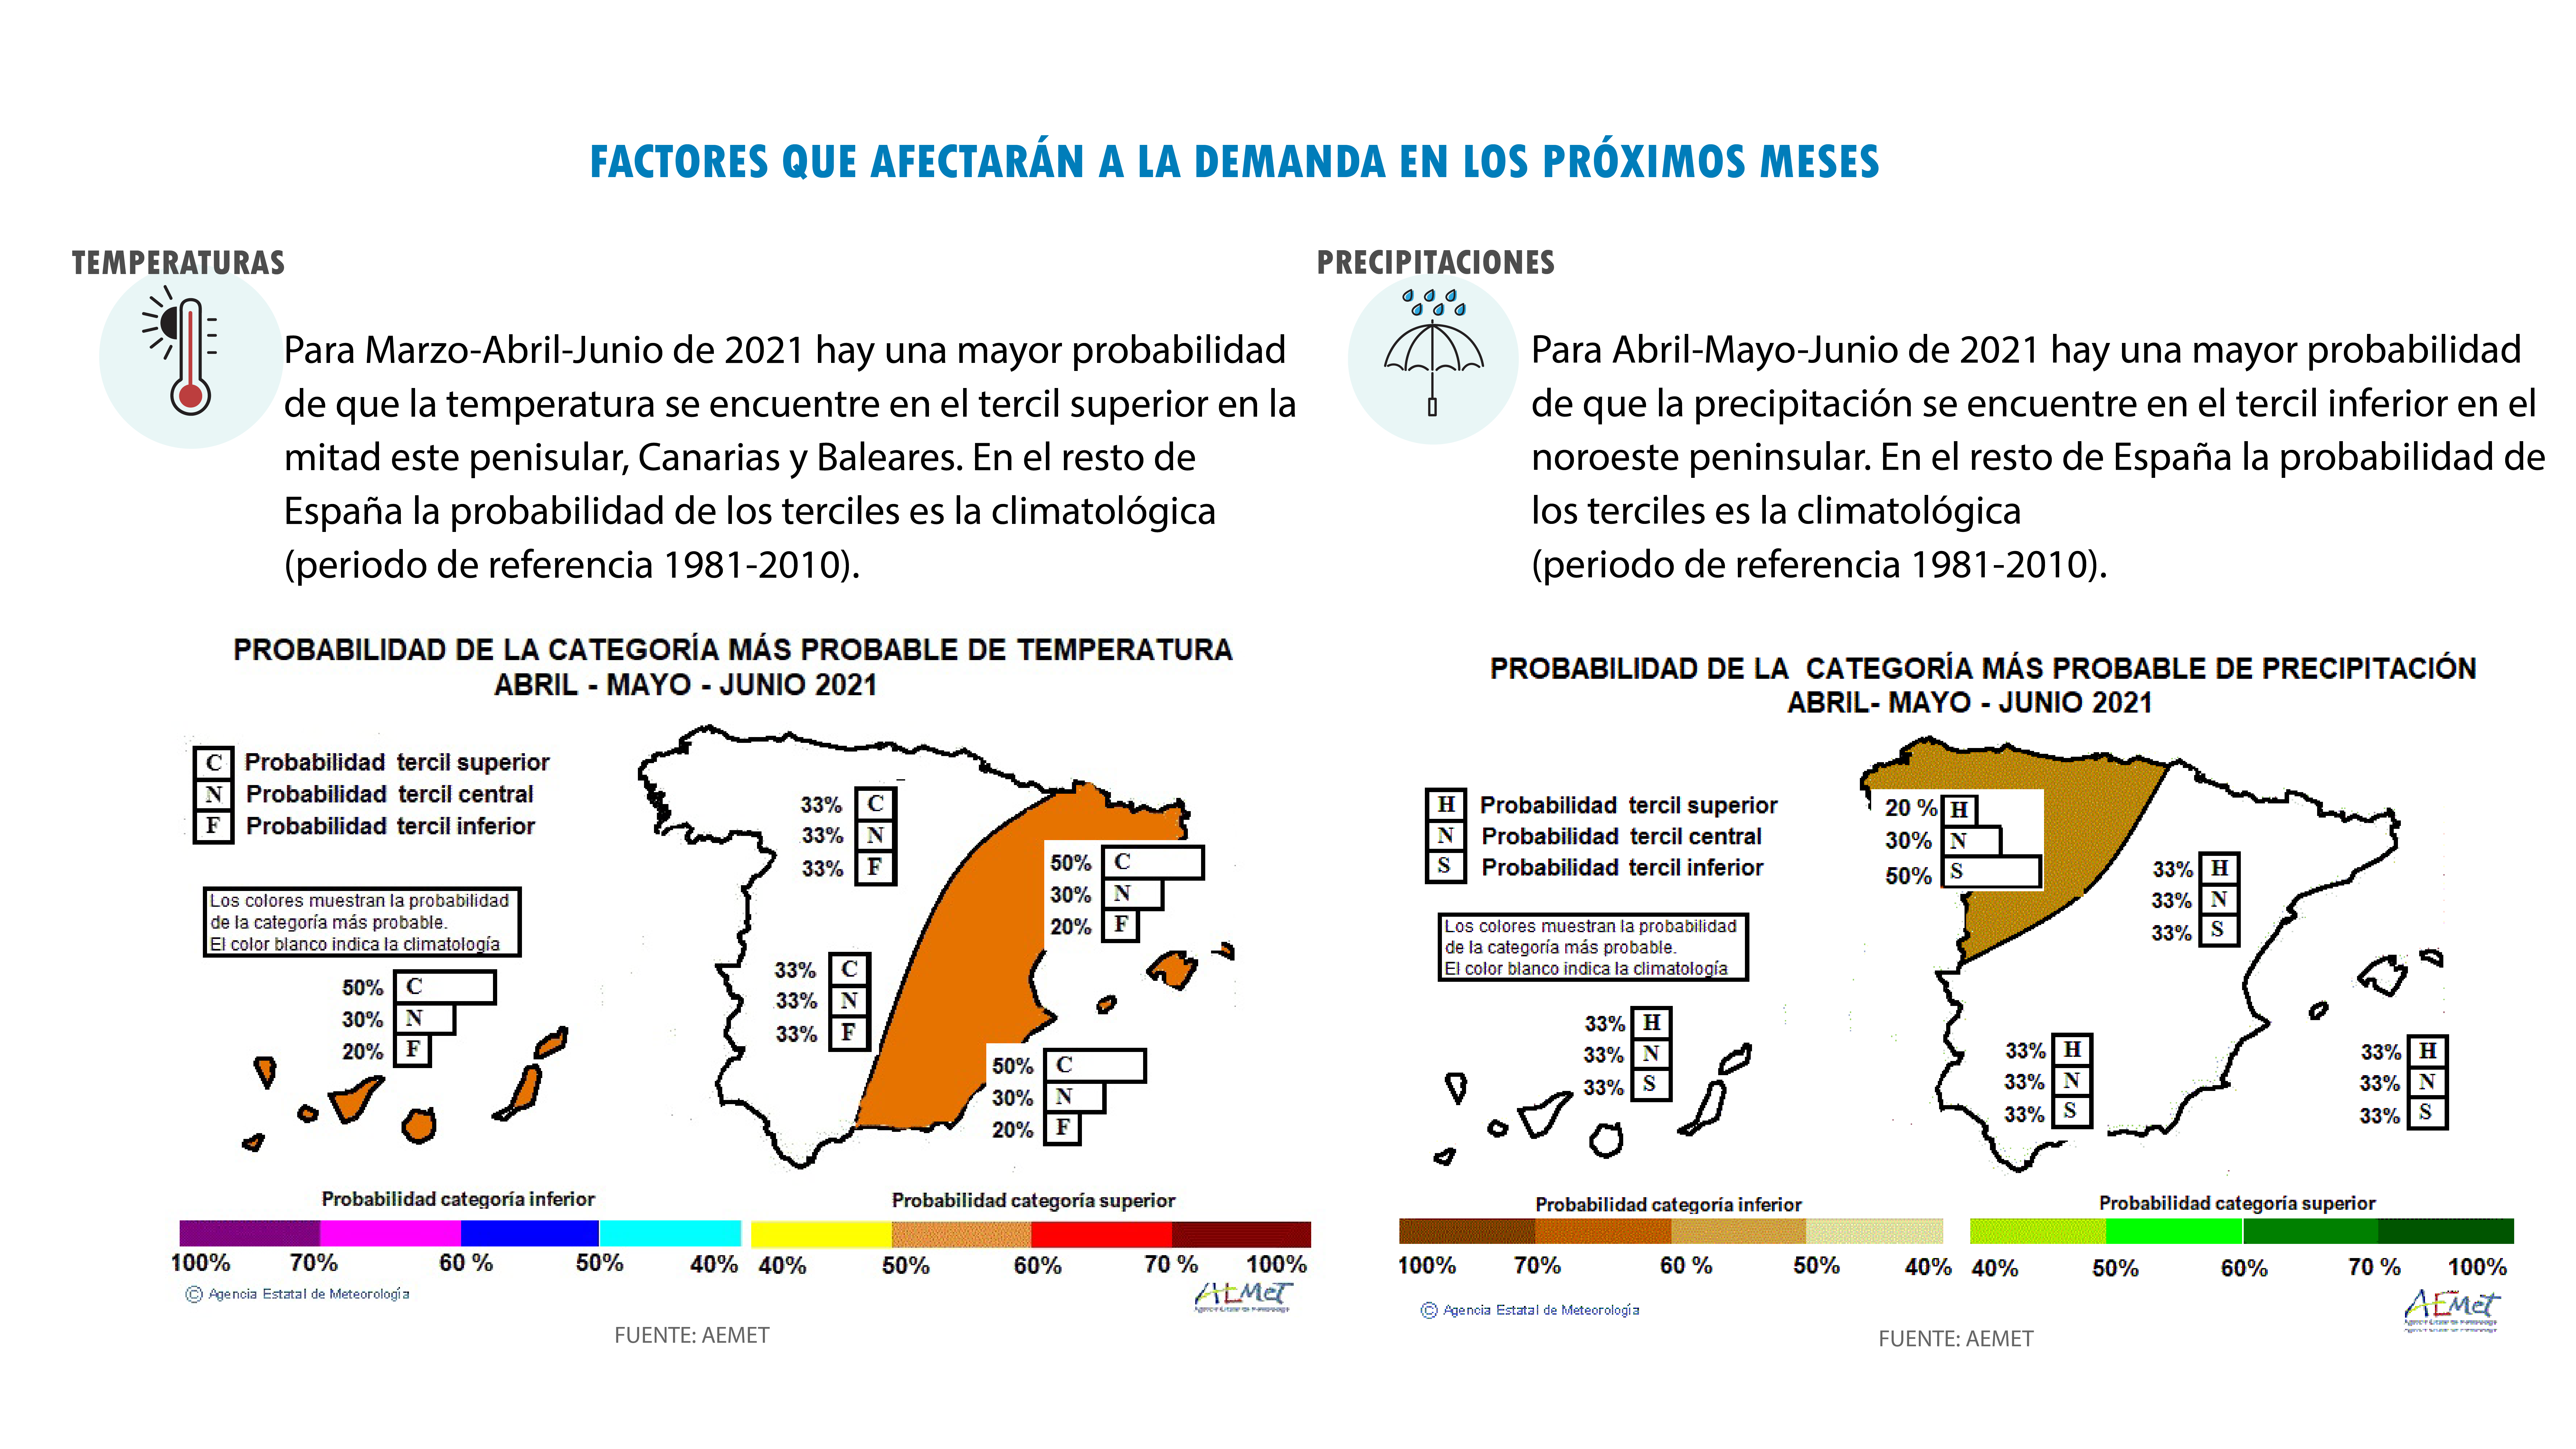 Ilustración que muestra la probabilidad de precipitación para los meses de septiembre, octubre y noviembre en España